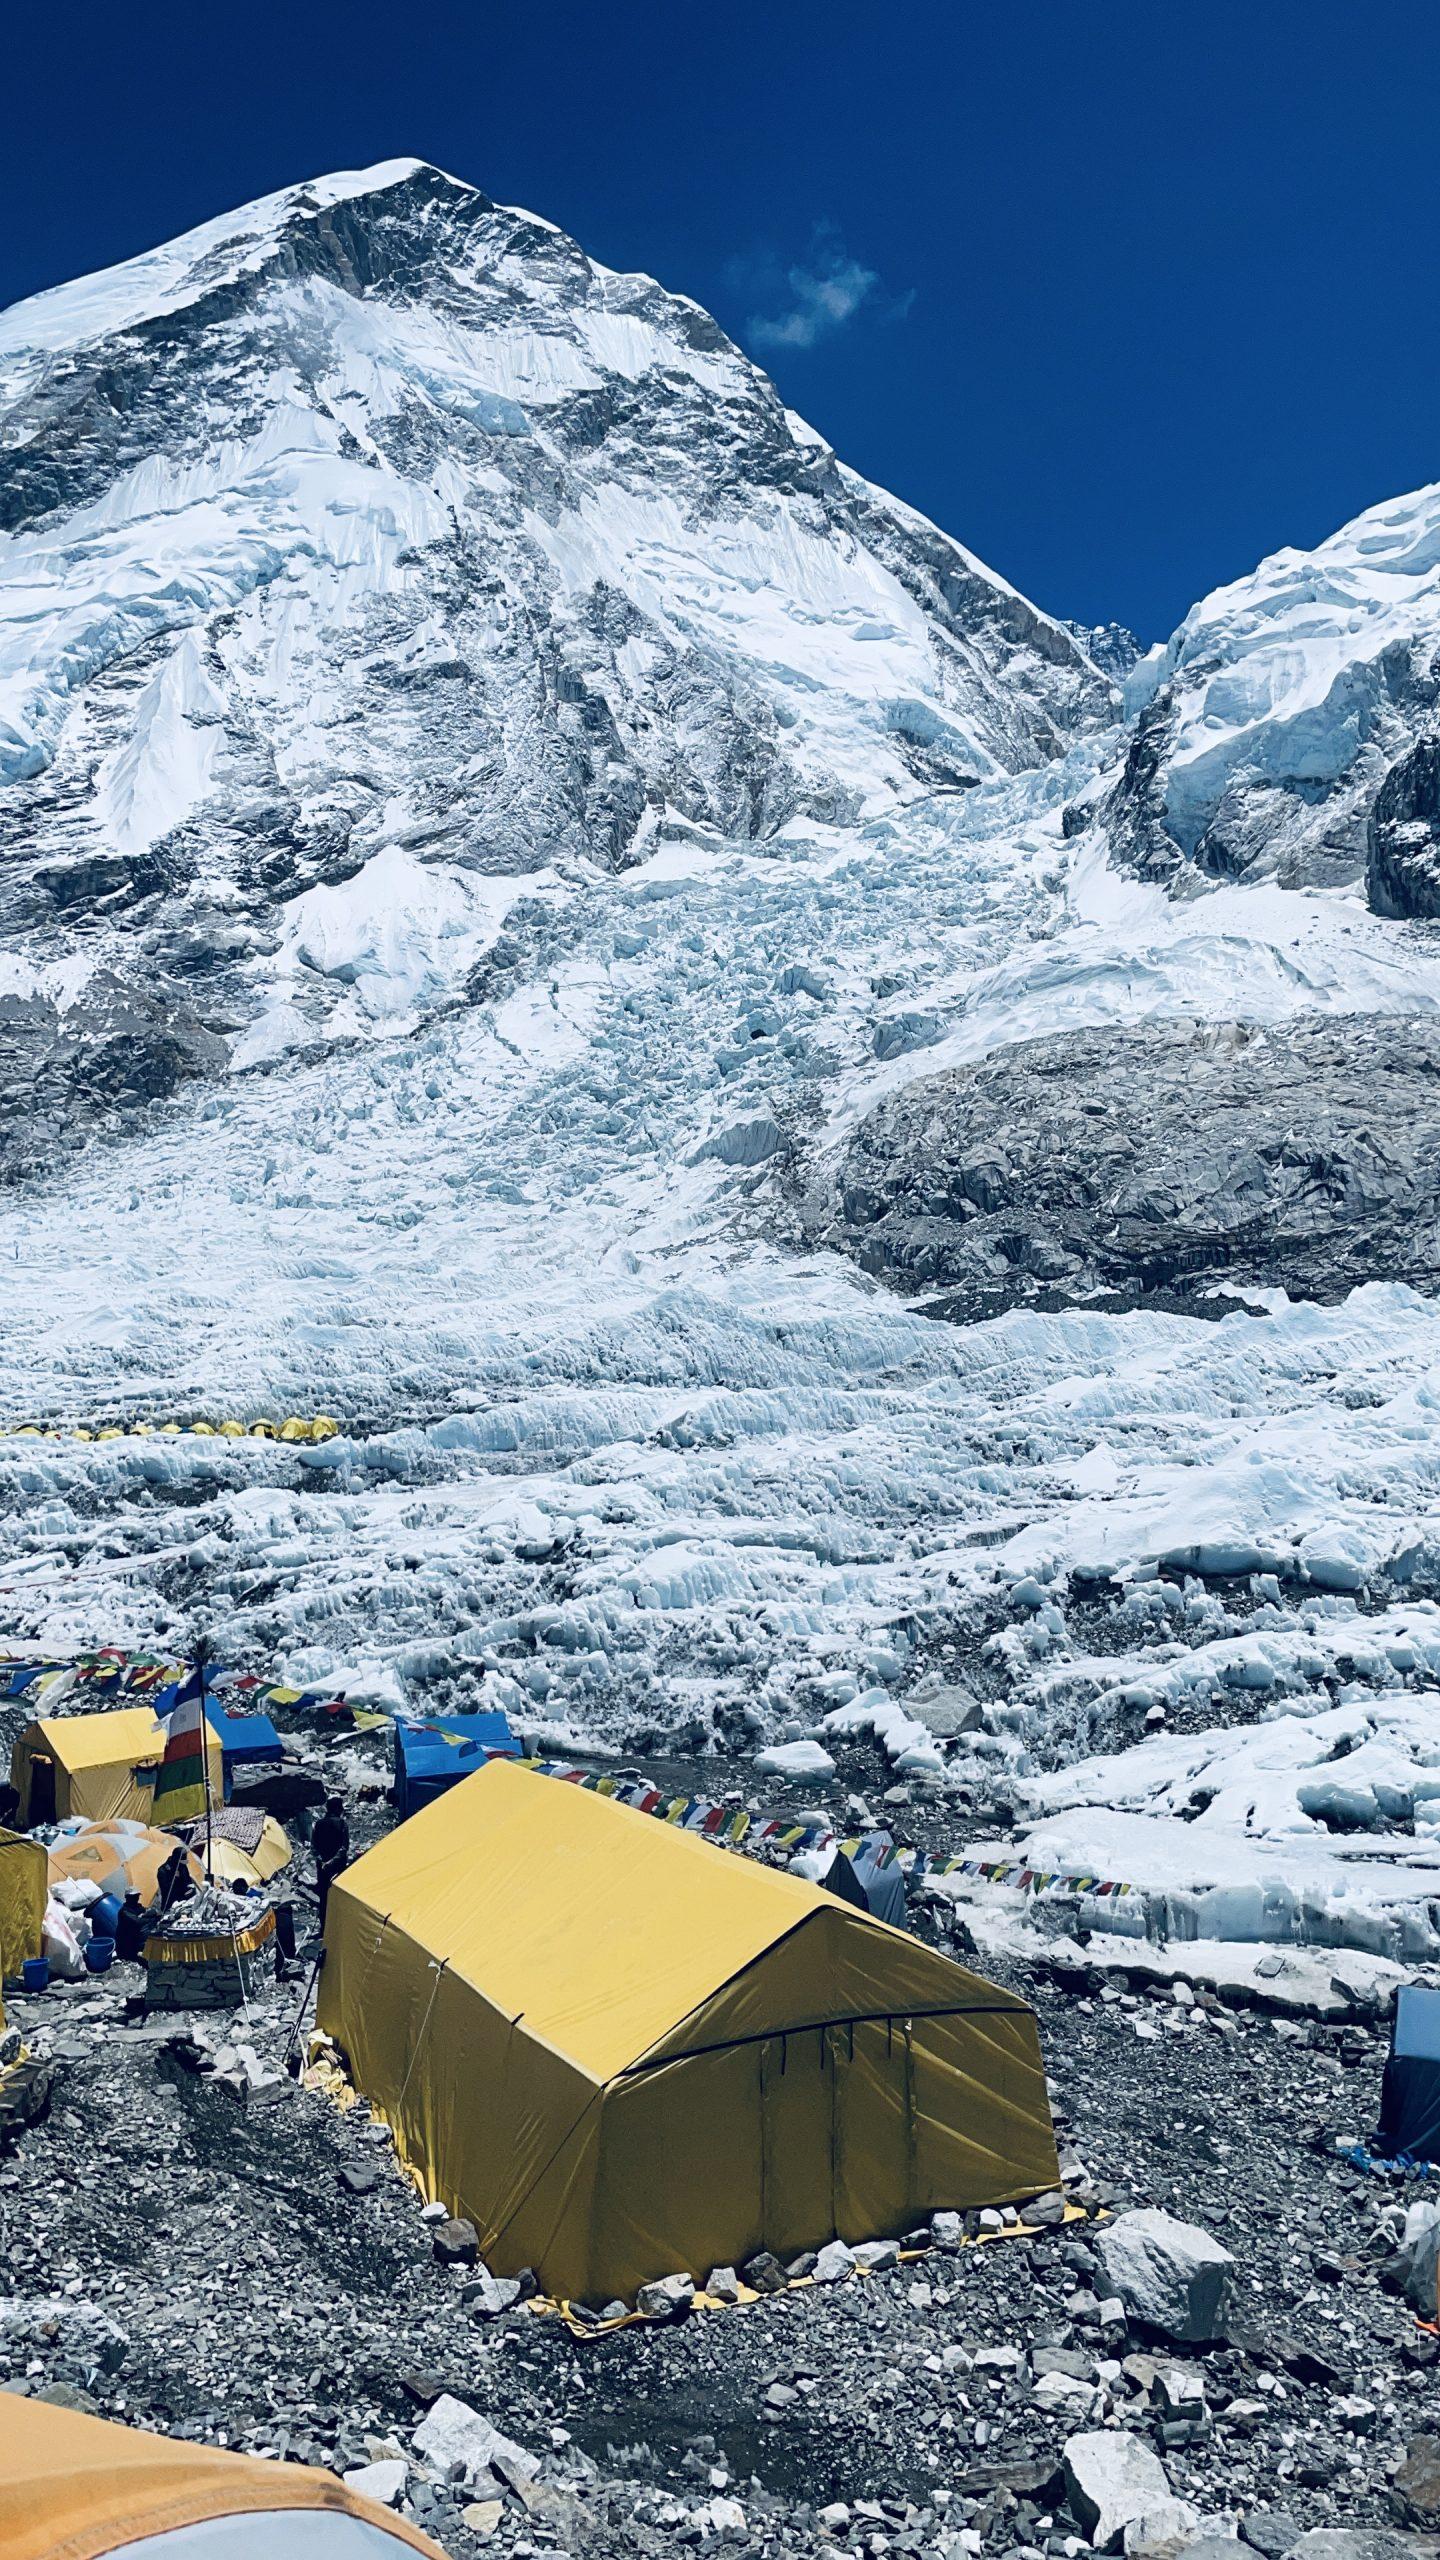 Khumbun jäätikkö perusleiristä